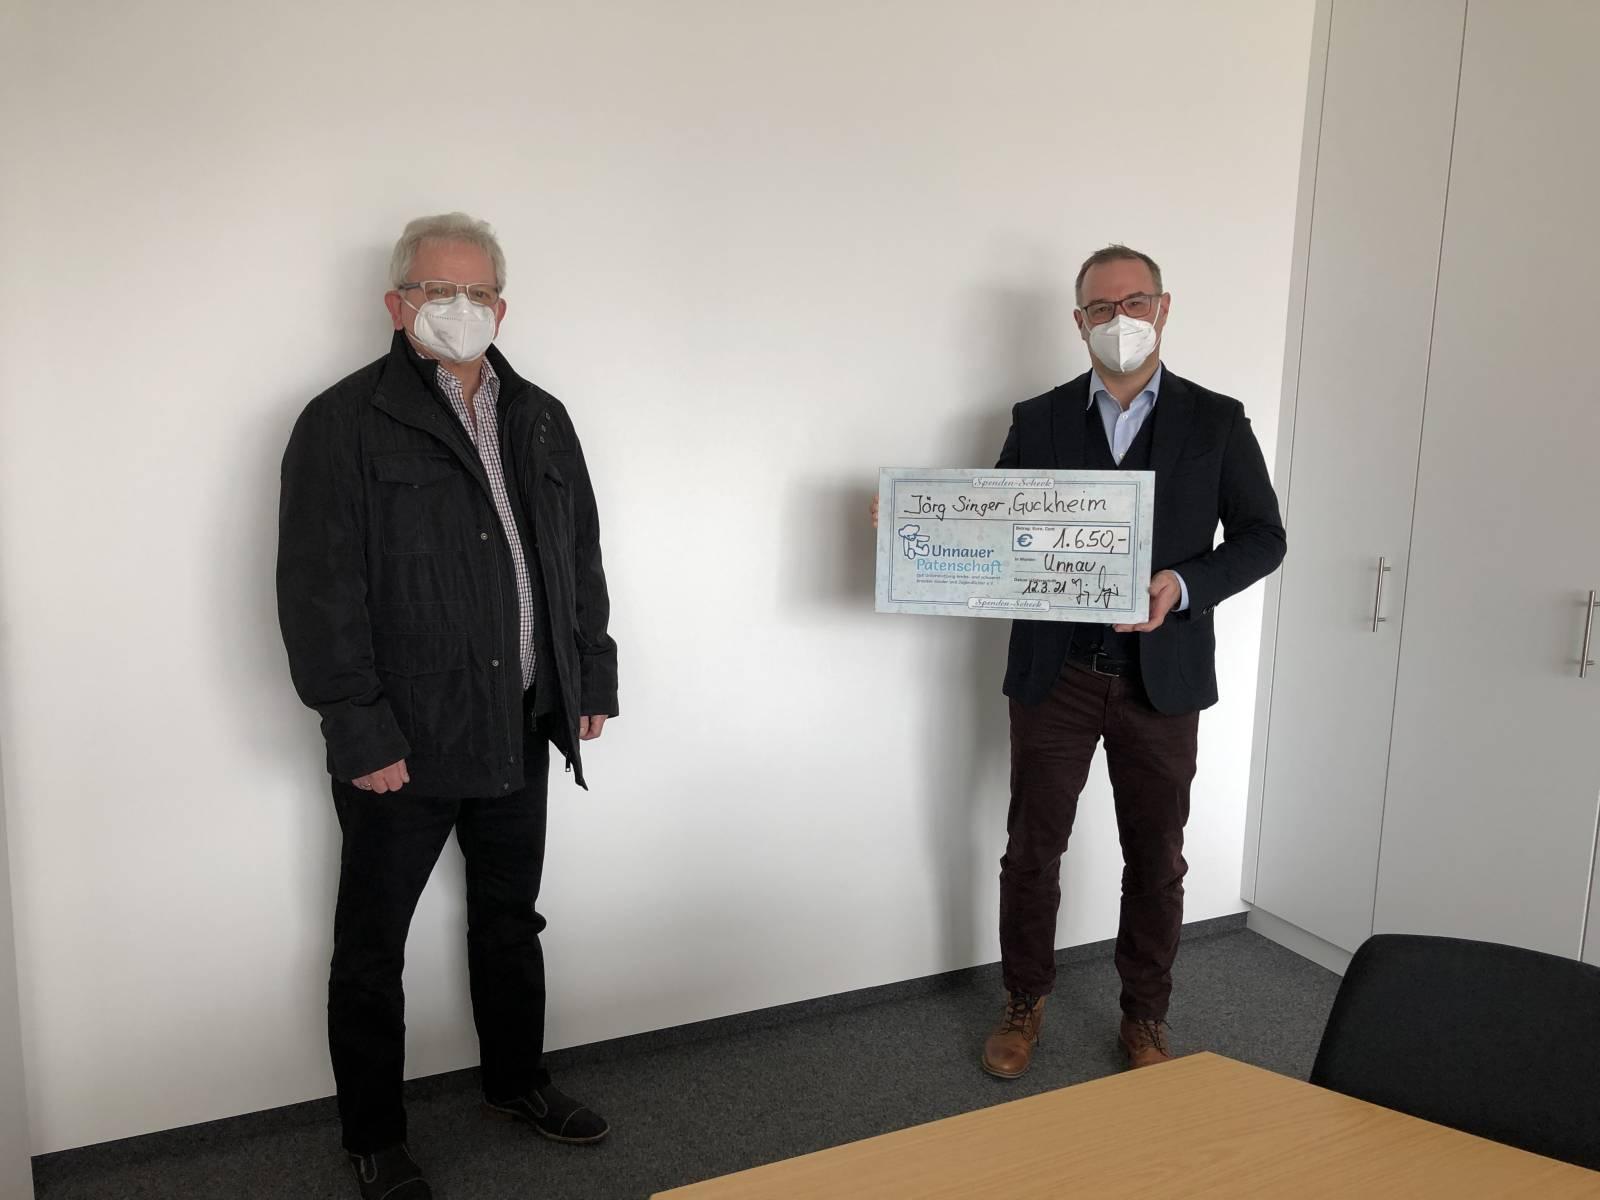 Bild: Spendenübergabe von Jörg Singer, mit Spendenscheck an stellv. Vors. UP Michael Wiedemann